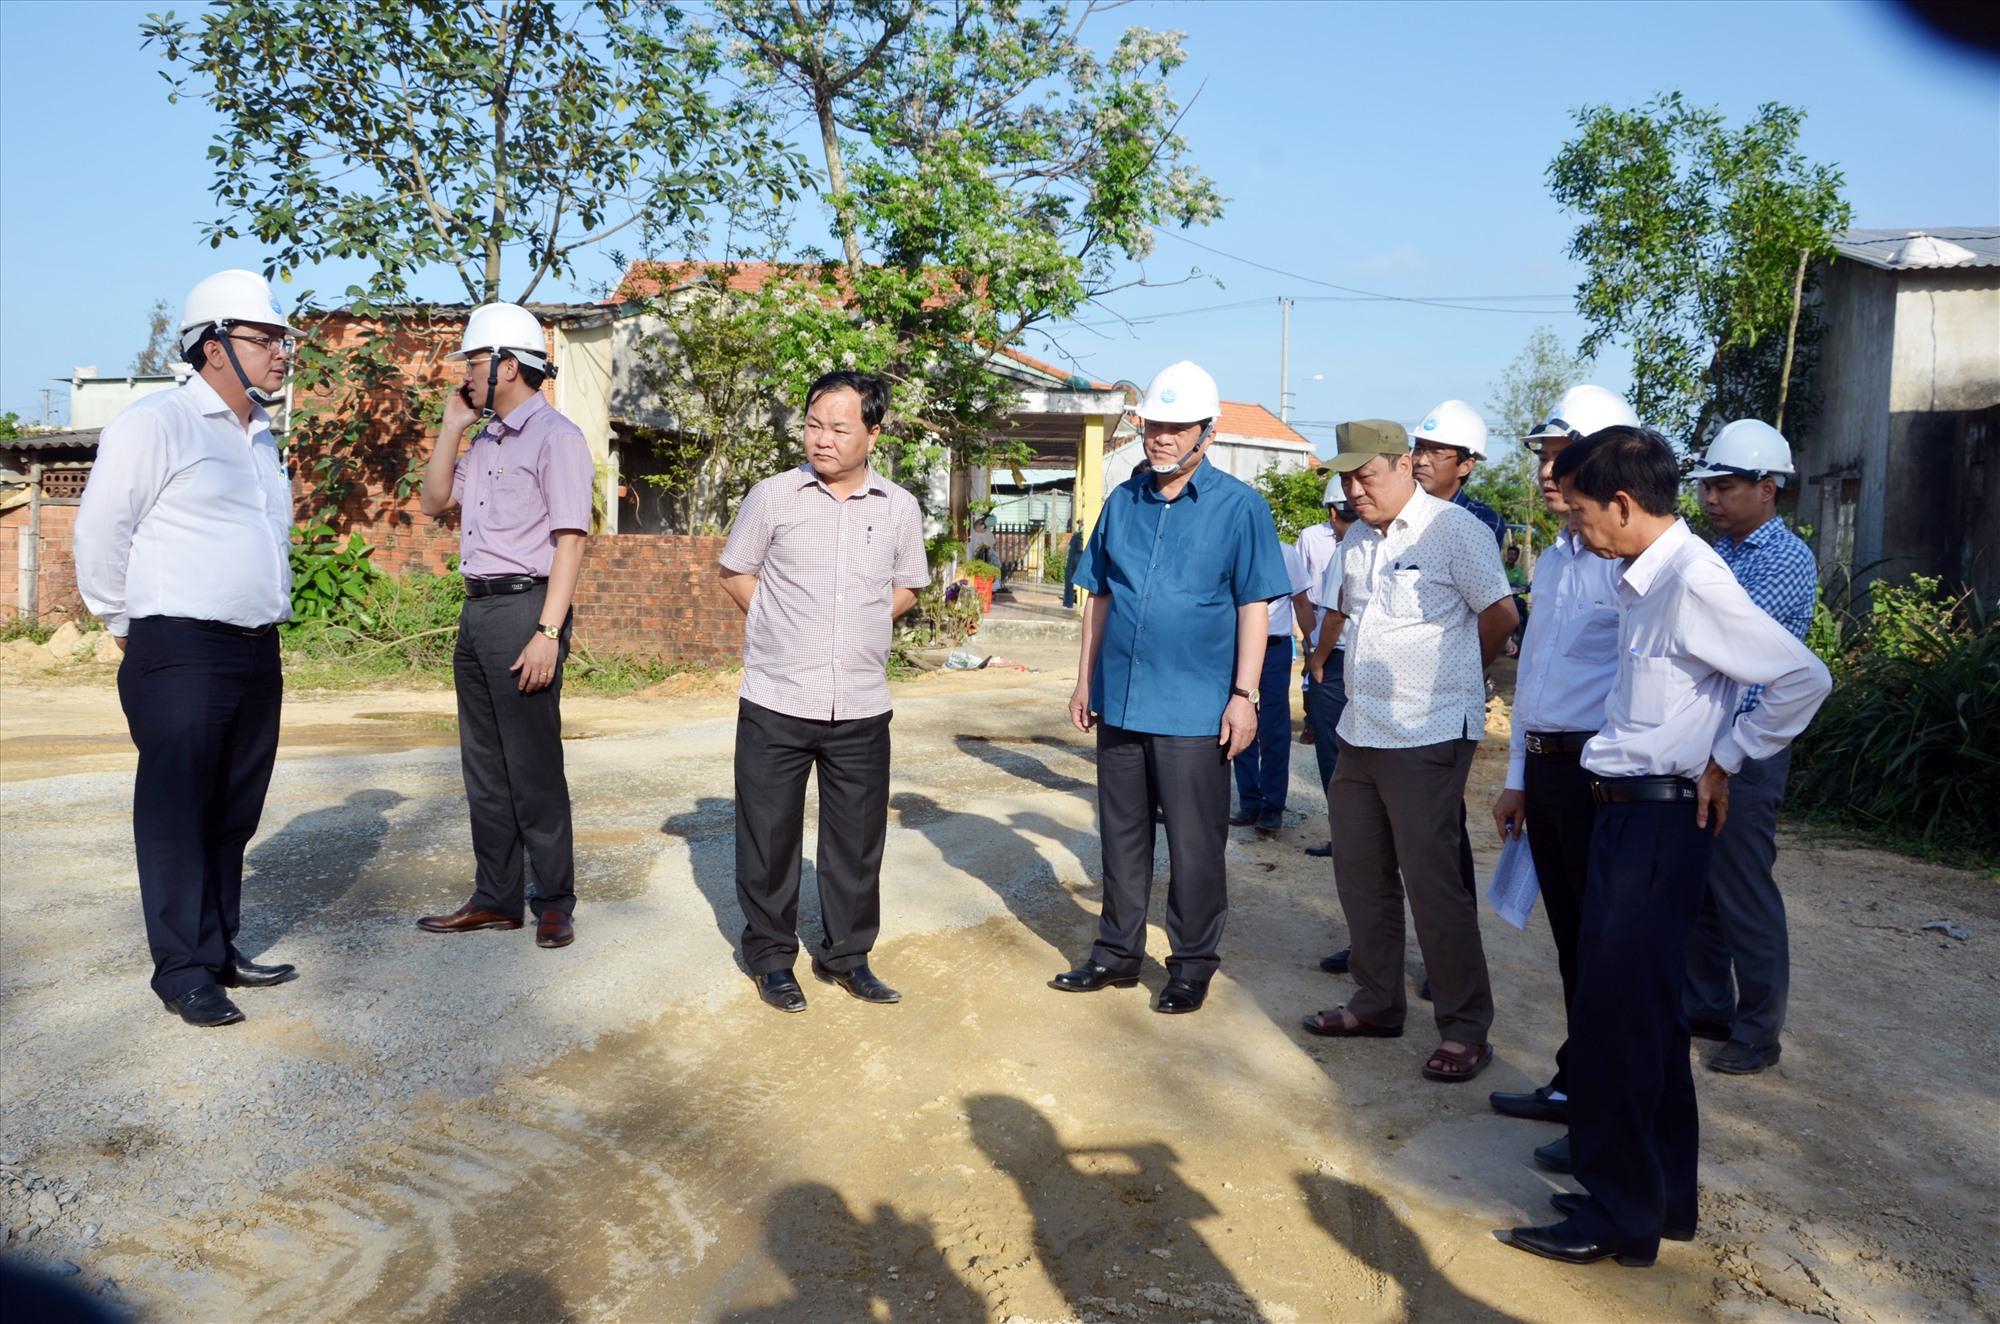 Bí thư Tỉnh ủy Phan Việt Cường kiểm tra một dự án giao thông chậm giải phóng mặt bằng tại Núi Thành (ảnh chụp cuối tháng 4.2021). Ảnh: H.P